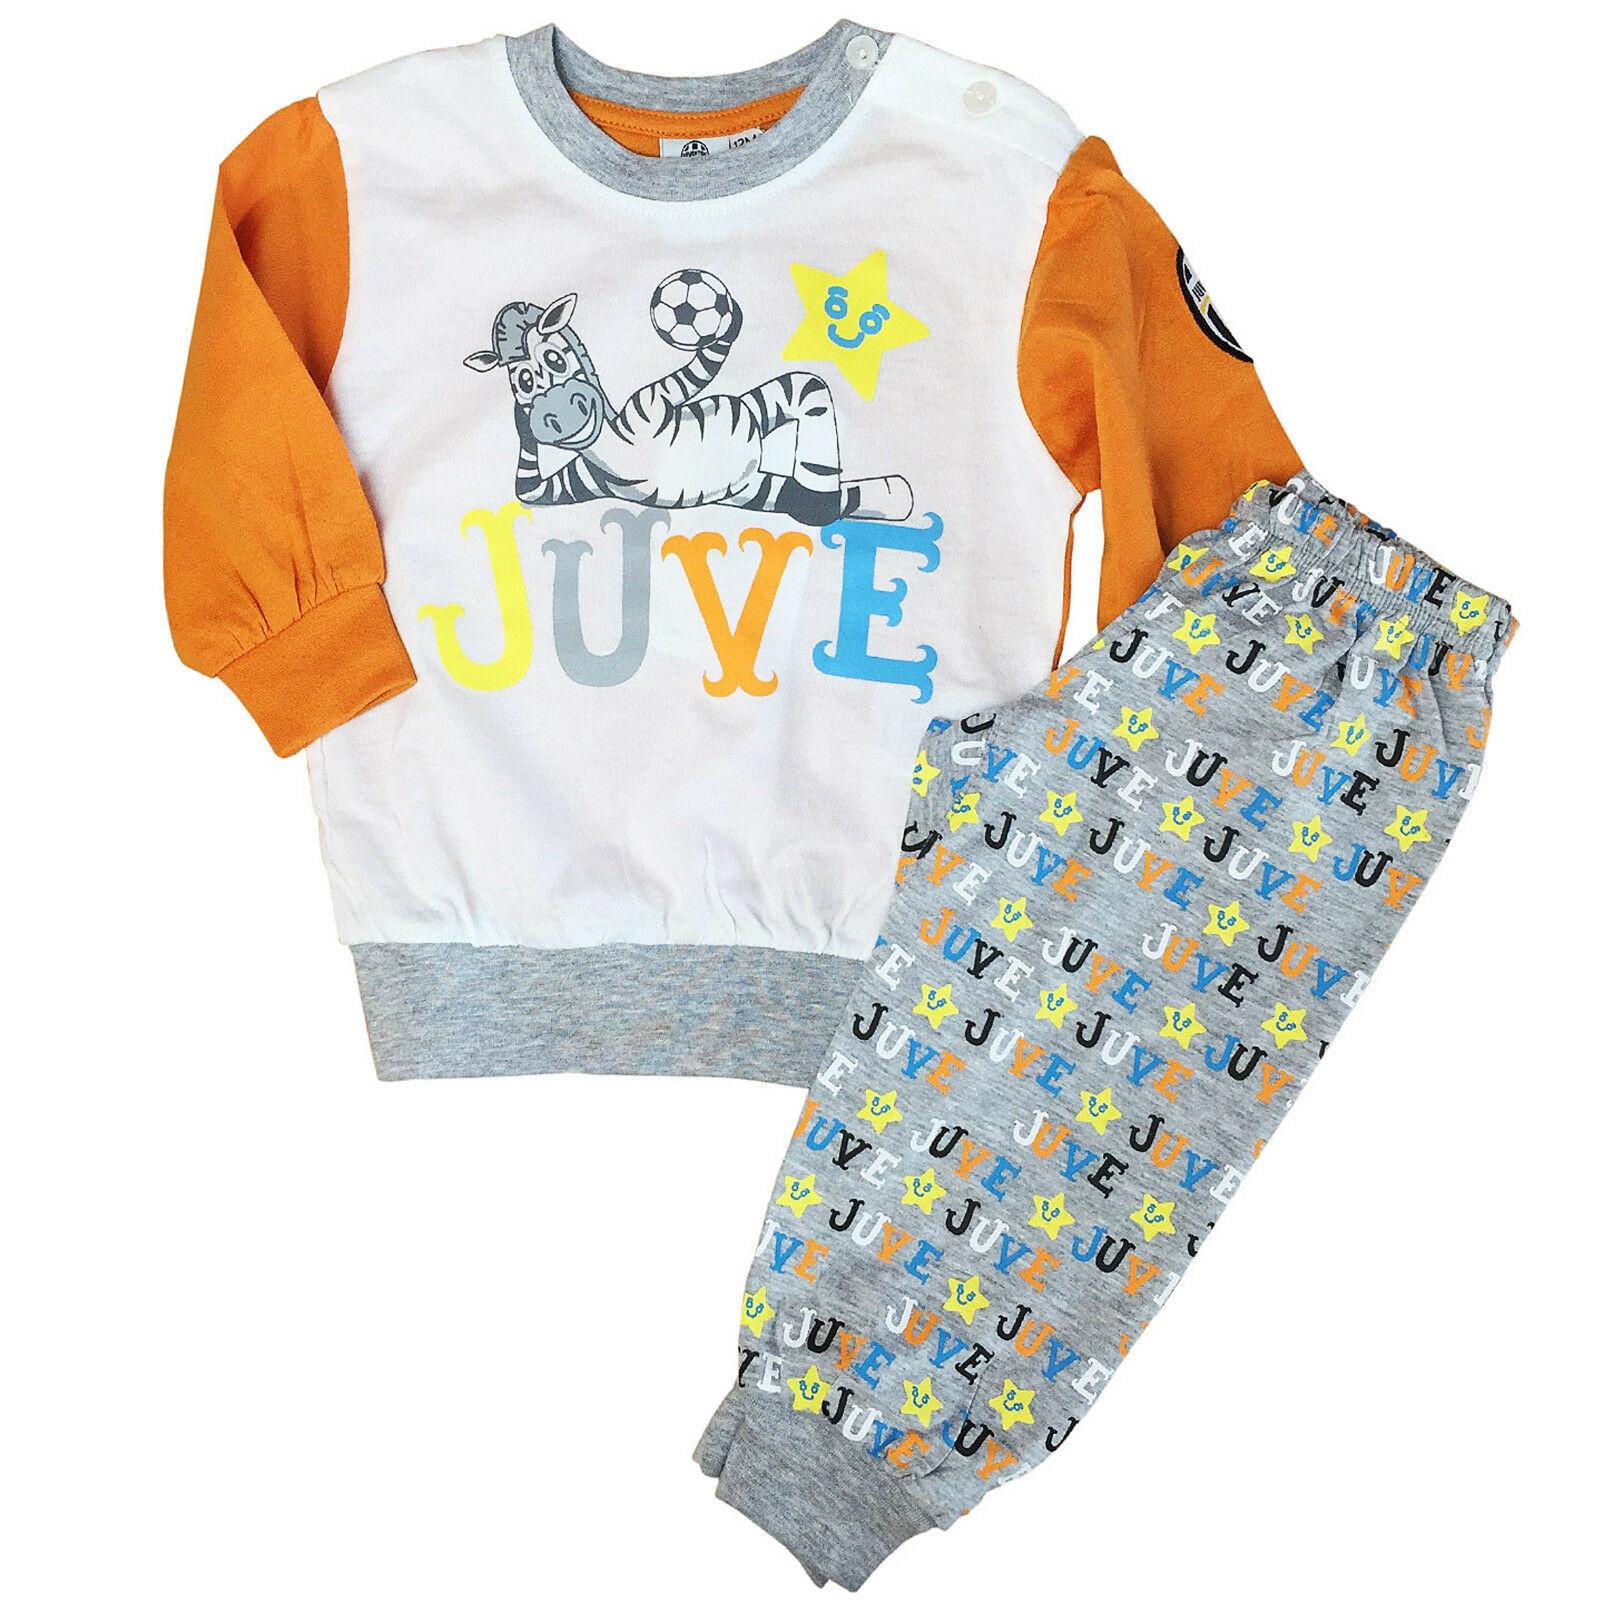 JUVENTUS pigiama tutina 2 pezzi in jersey colorata varie taglie prodotto ufficia